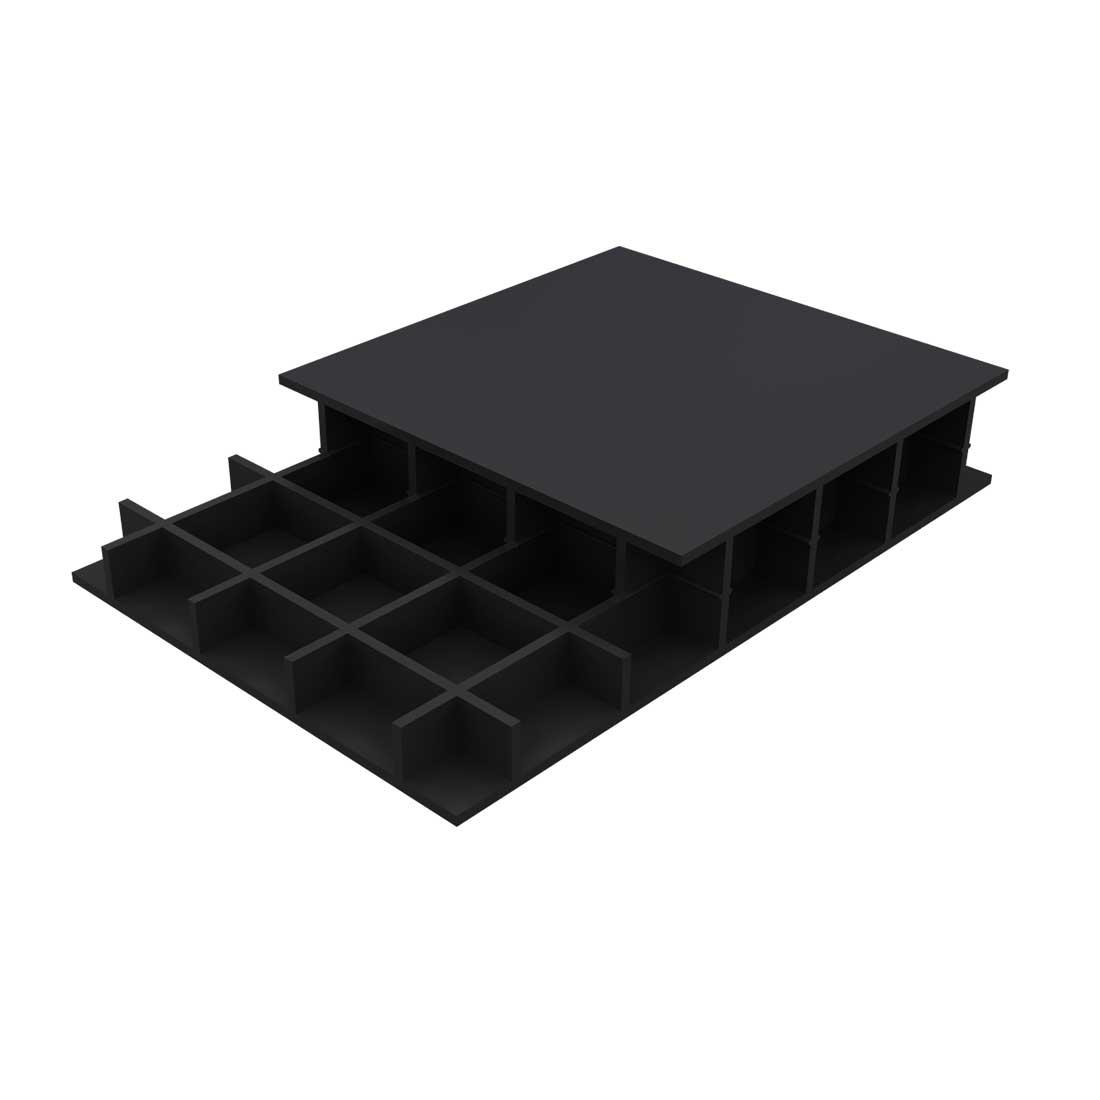 Paneltim PE Constructieplaat 50/50 Zwart 2600x1000x50mm